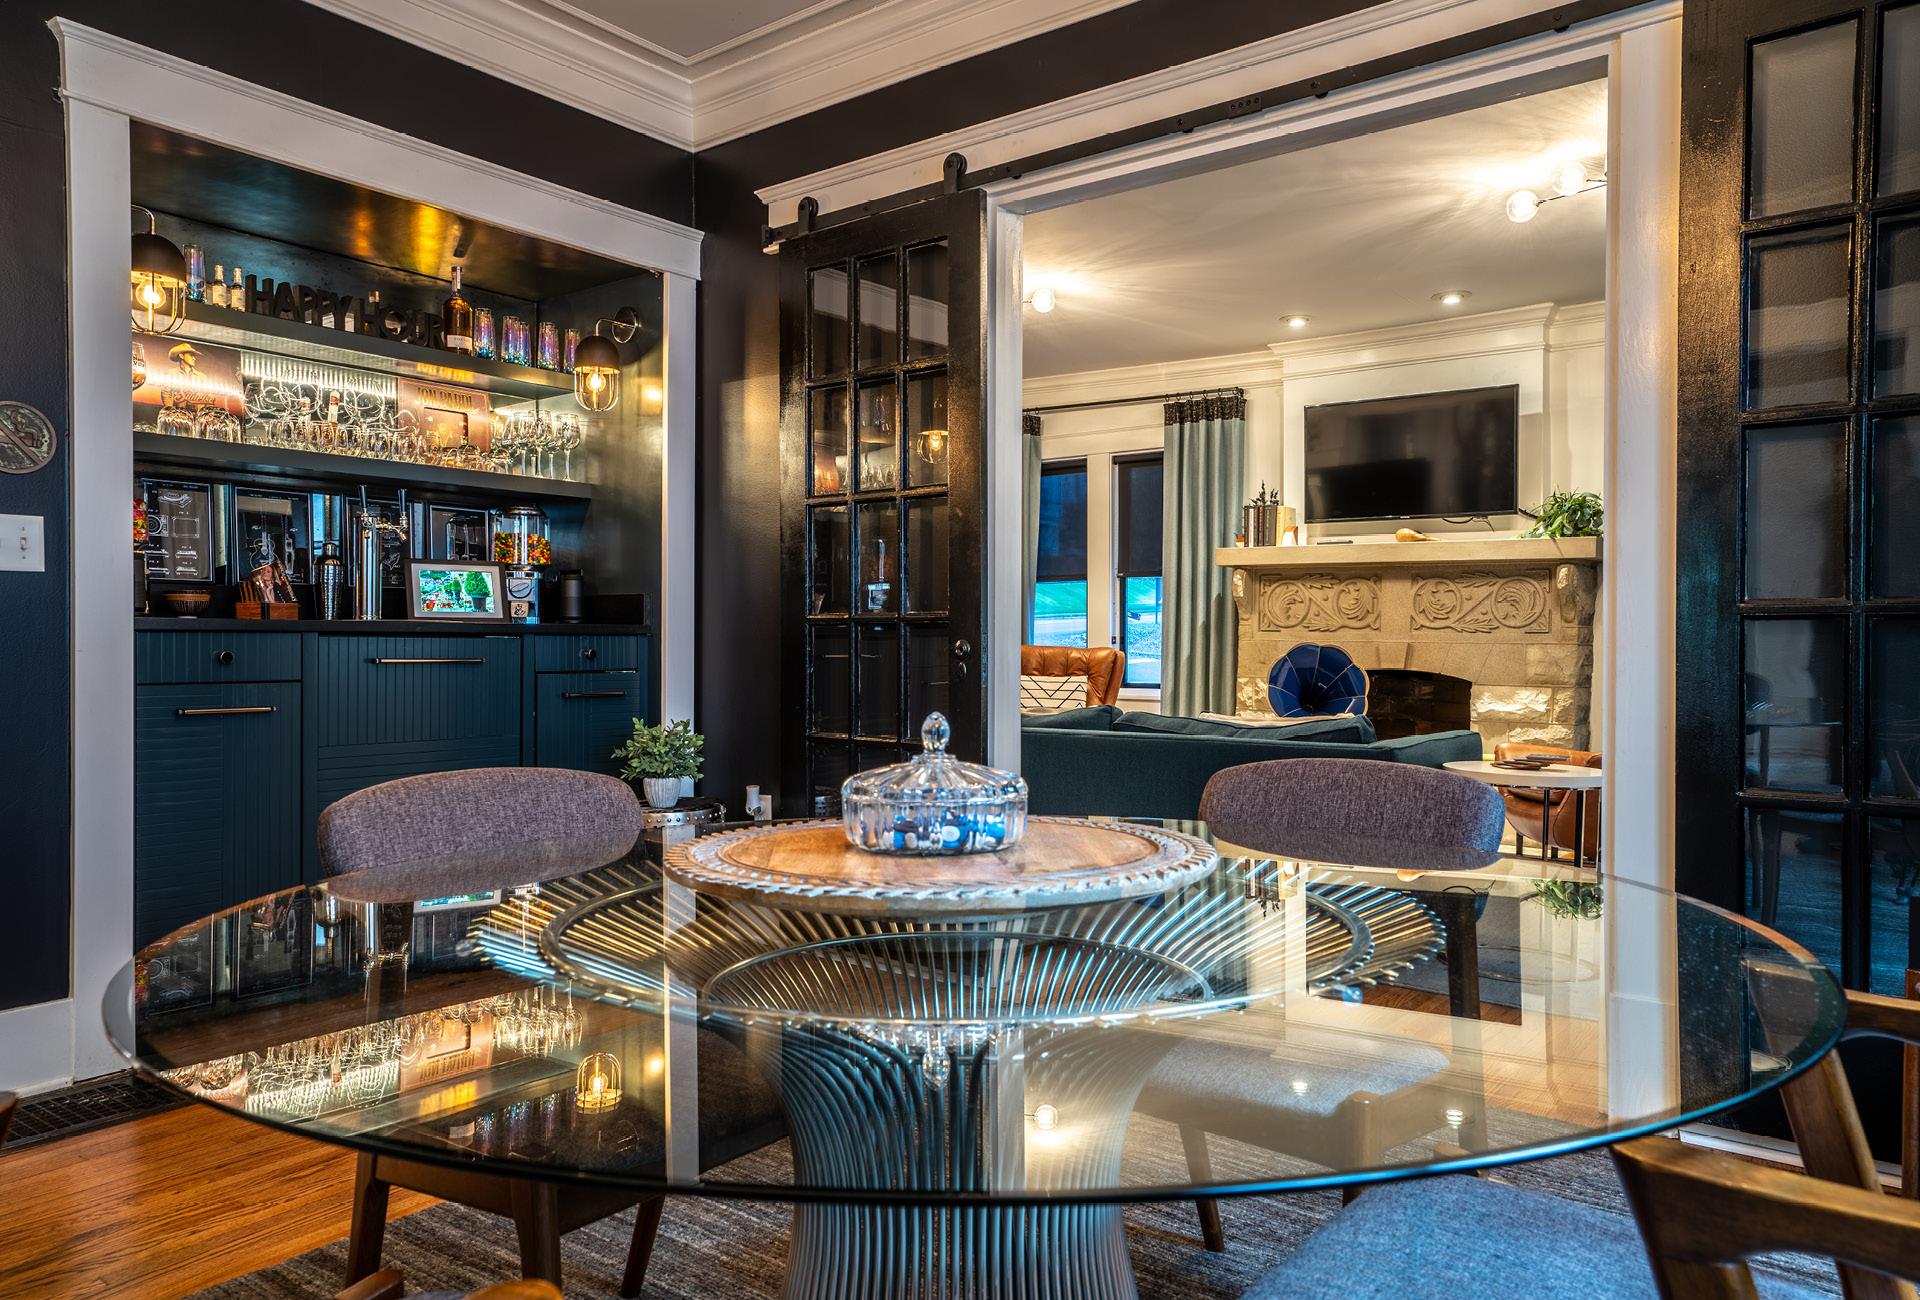 The NashVilla's glass kitchen table and impressive bar